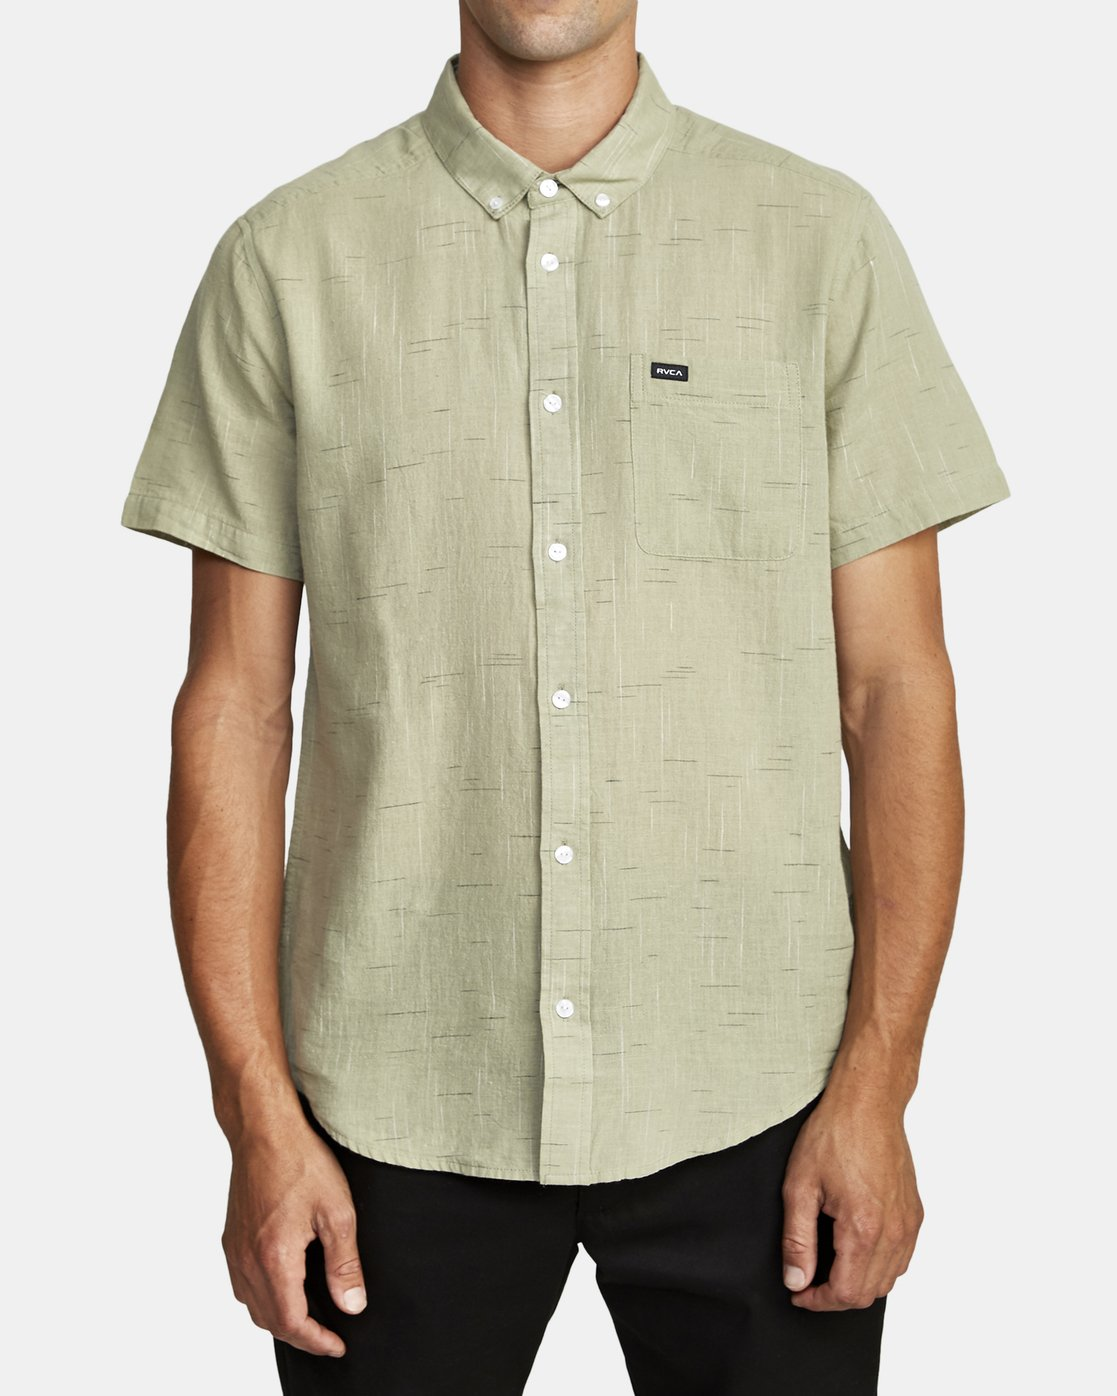 0 That'll Do Textured Button-Up Shirt Green M501VRTT RVCA